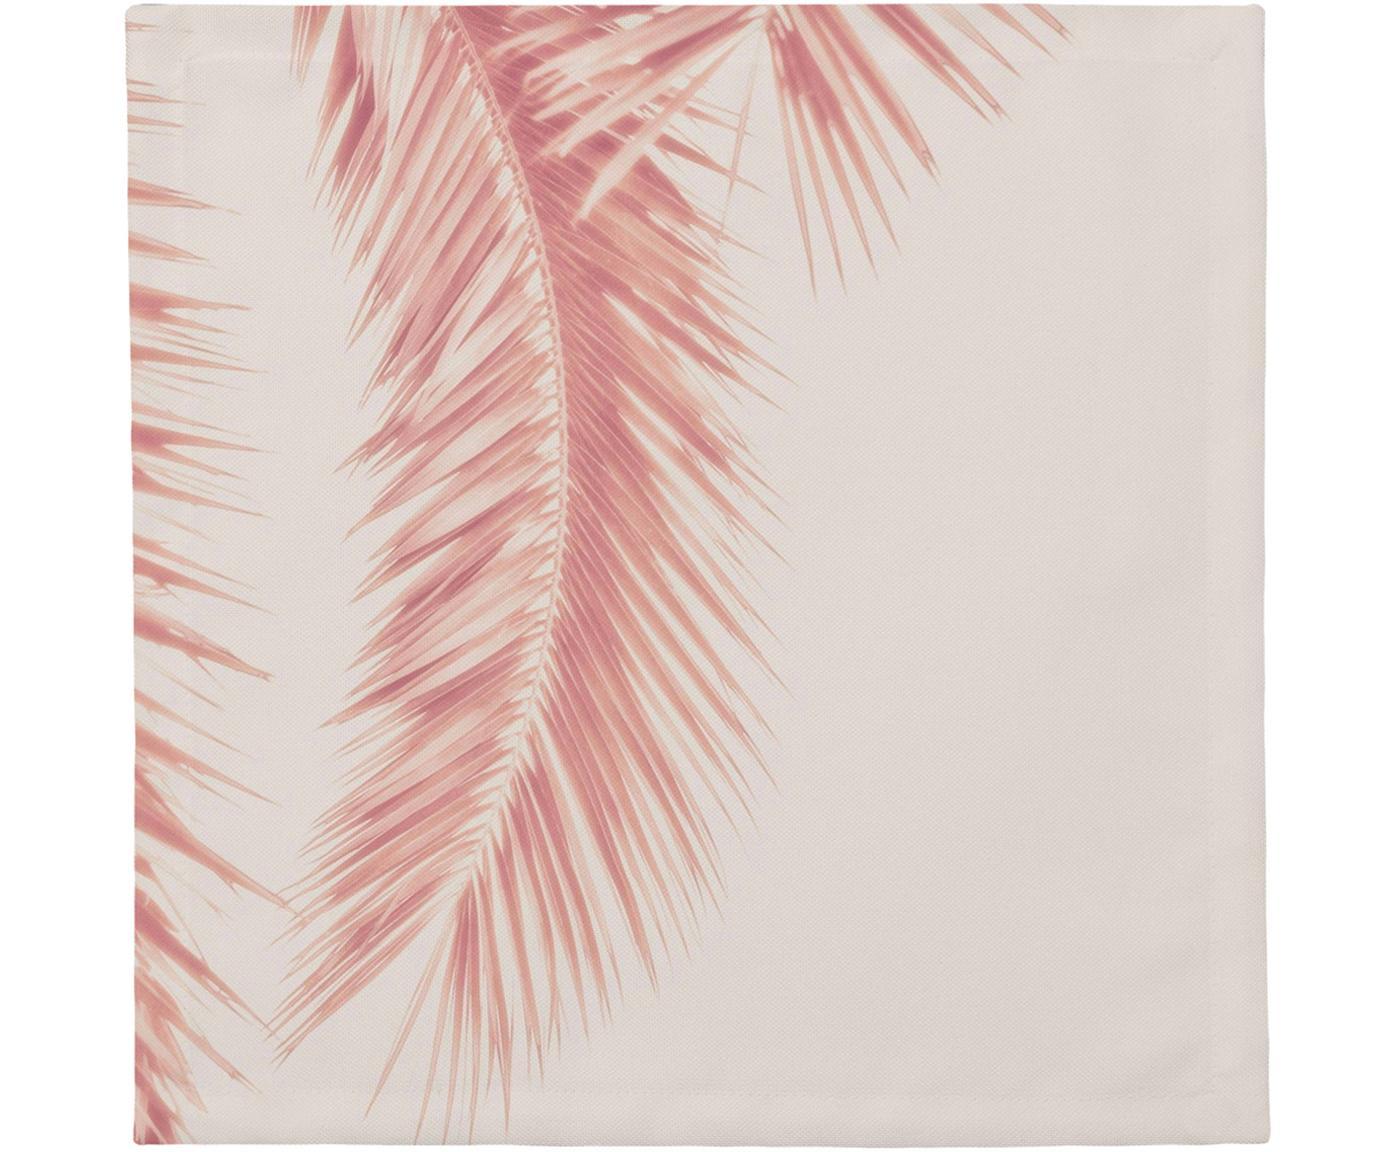 Stoffen servetten Palm Leaves, 4 stuks, Katoen, Rozetinten, 40 x 40 cm